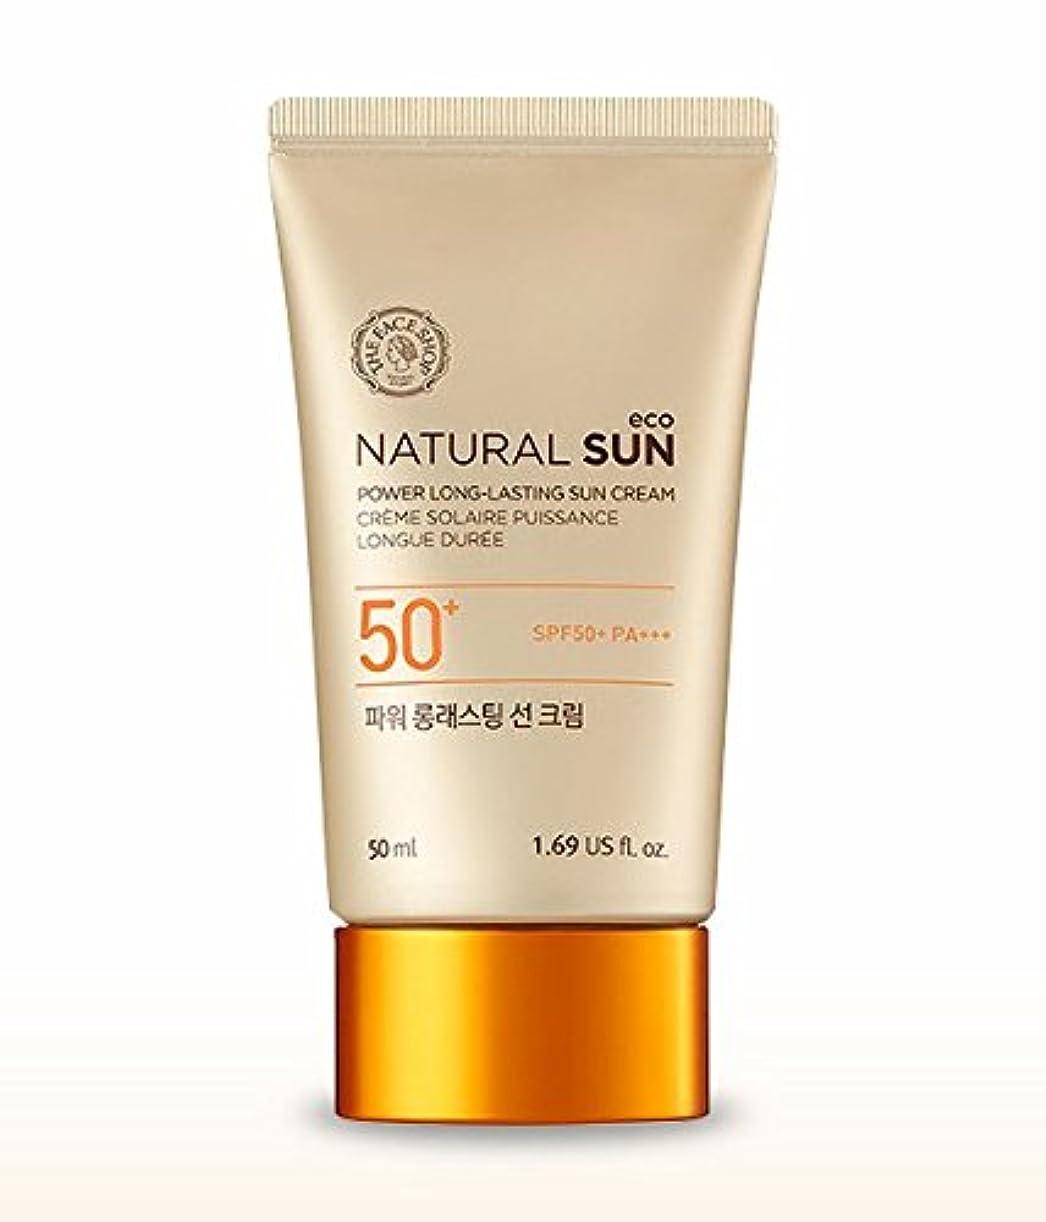 大臣叱る兵器庫THE FACE SHOP Natural Sun Eco Power Long Lasting Sun Cream 50mlザフェイスショップ ナチュラルサンパワーロングラスティングサンクリーム [並行輸入品]